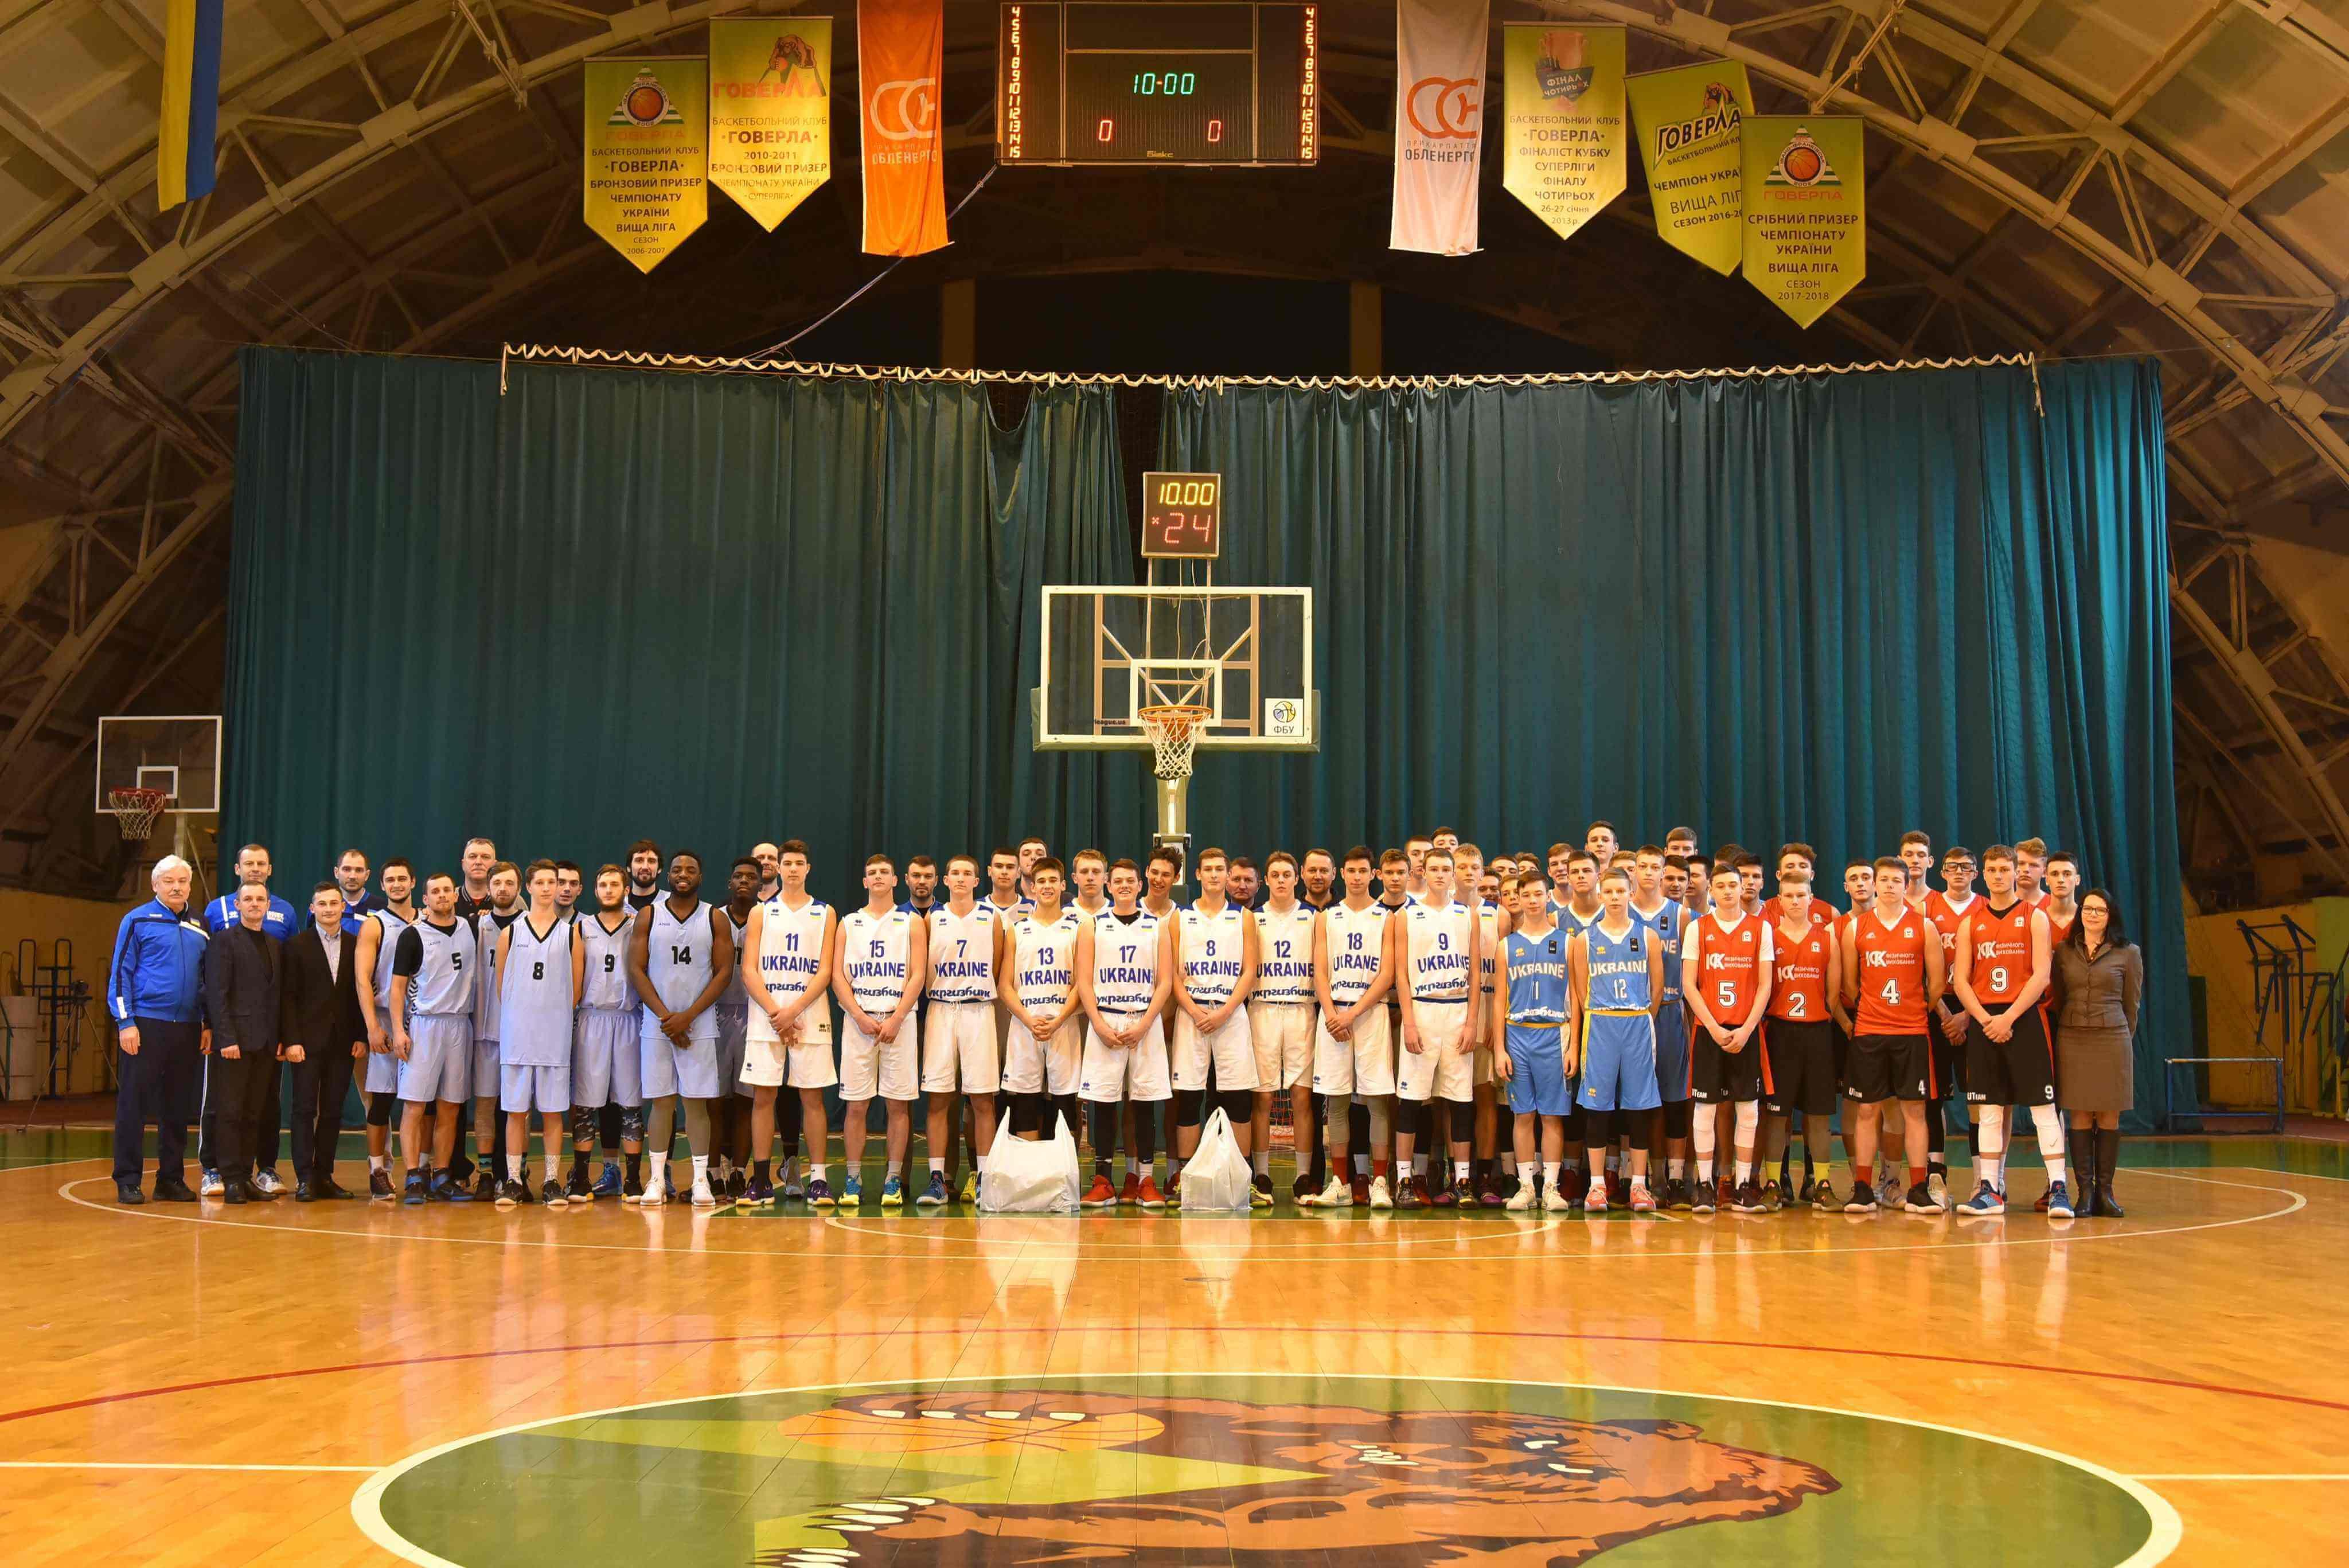 Збірна України – переможець баскетбольного турніру «Різдвяний Івано-Франківськ» (ФОТО)